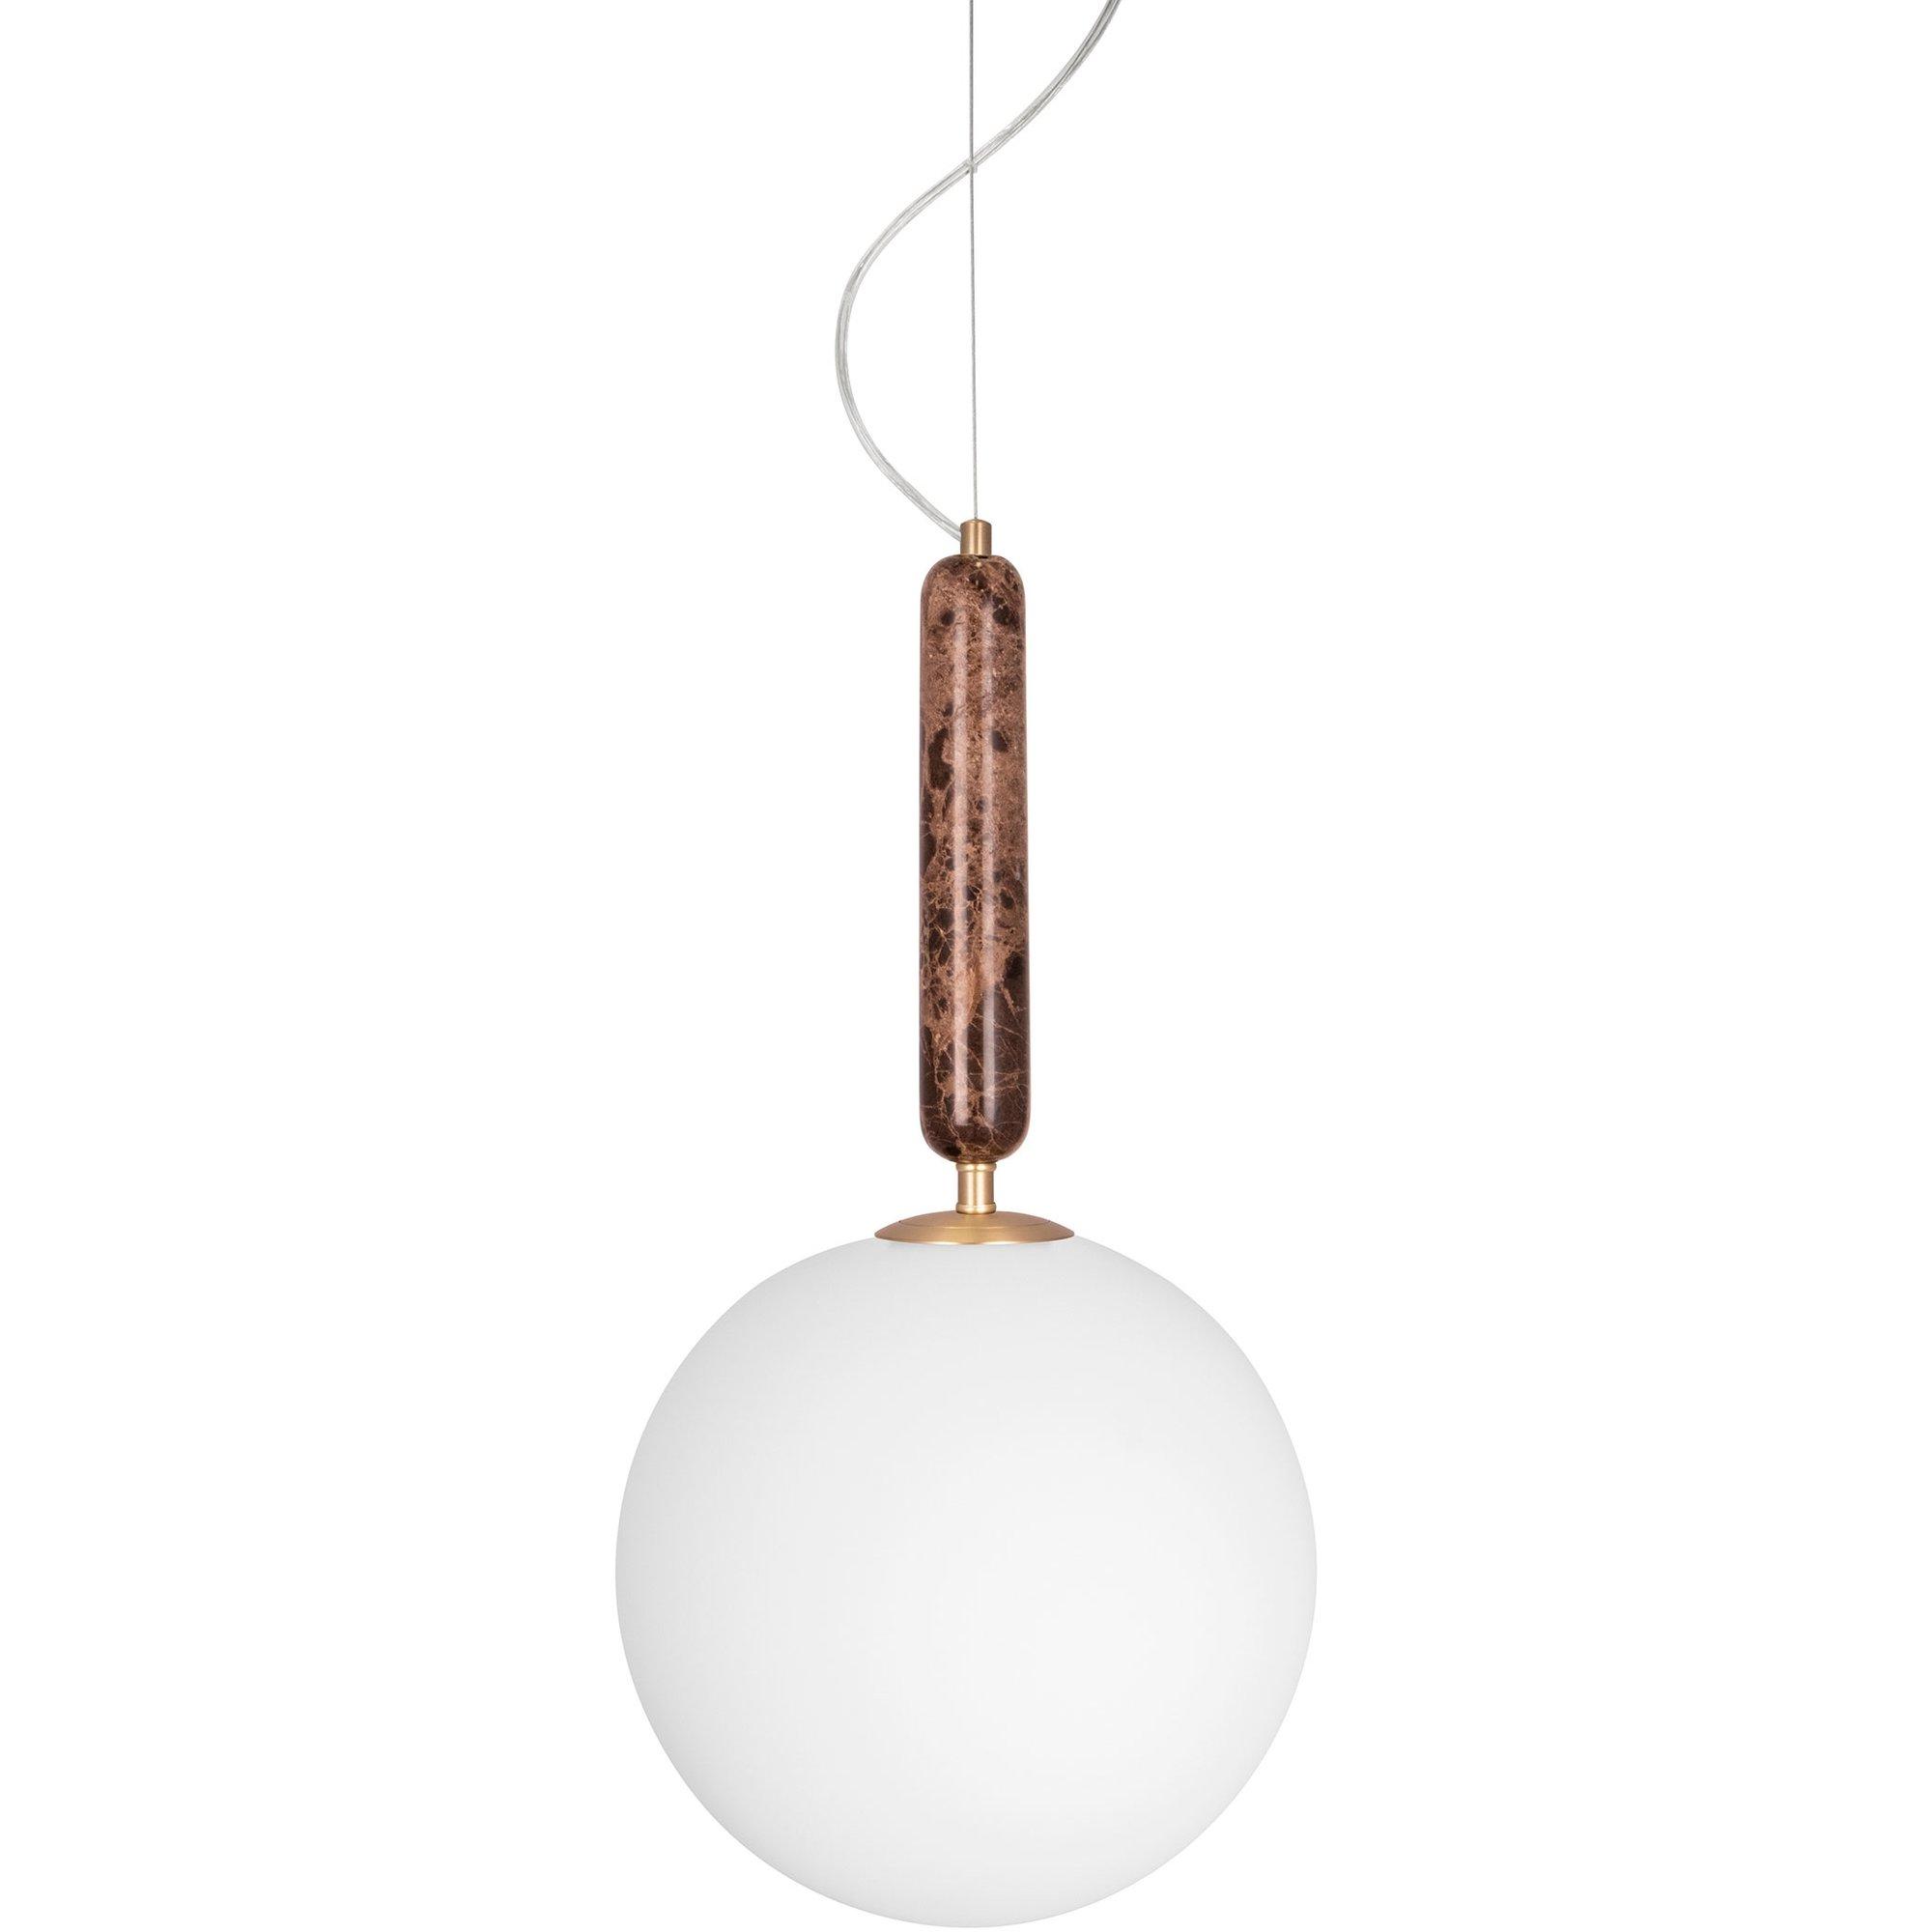 Globen Lighting Torrano Pendel 30 cm brun